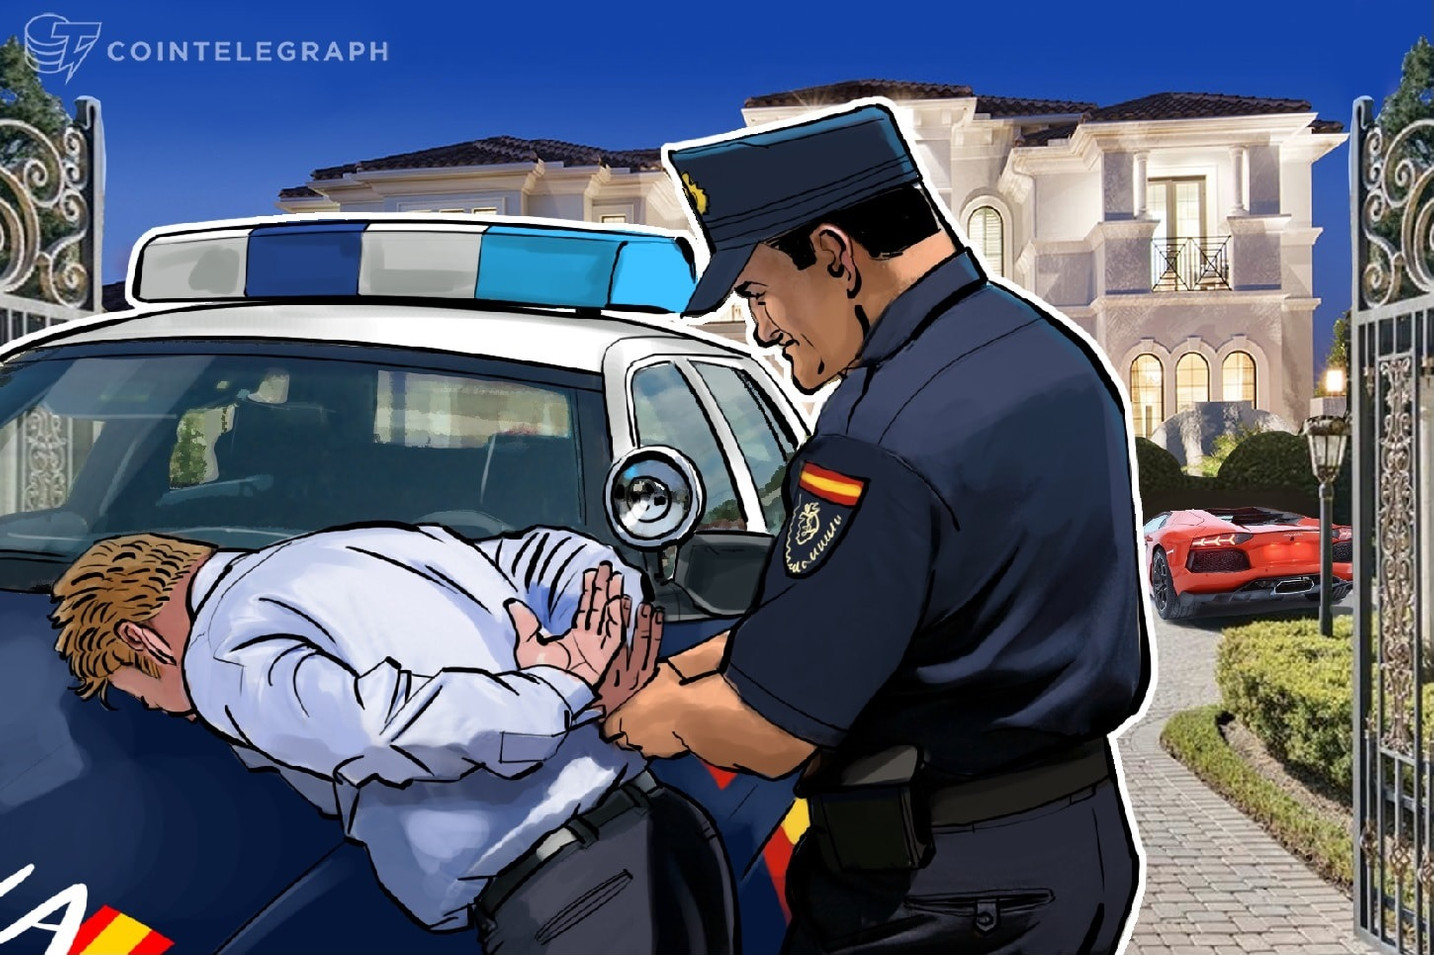 Spanische Autoritäten verhaften 11 Verdächtige eines Krypto-Geldwäscherings